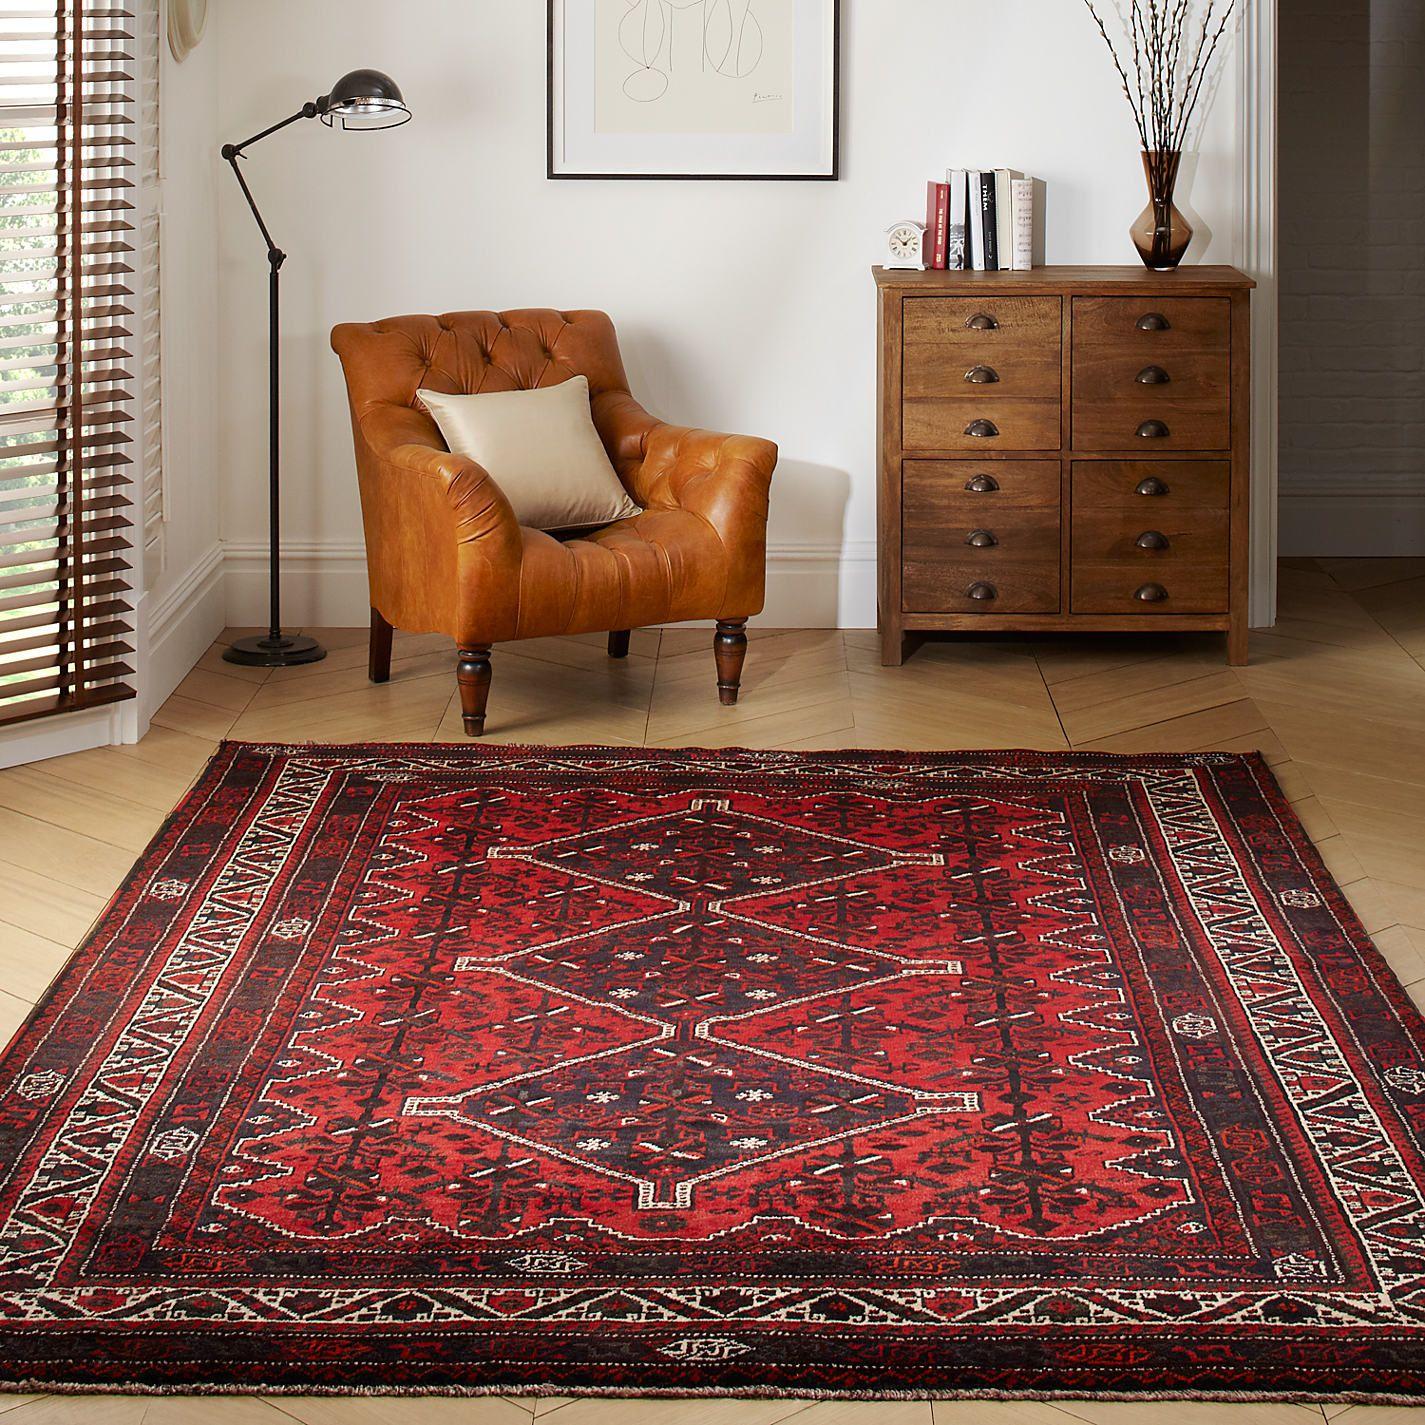 Alfombra shiraz anudada a mano en ir n alfombras - Alfombras persas barcelona ...